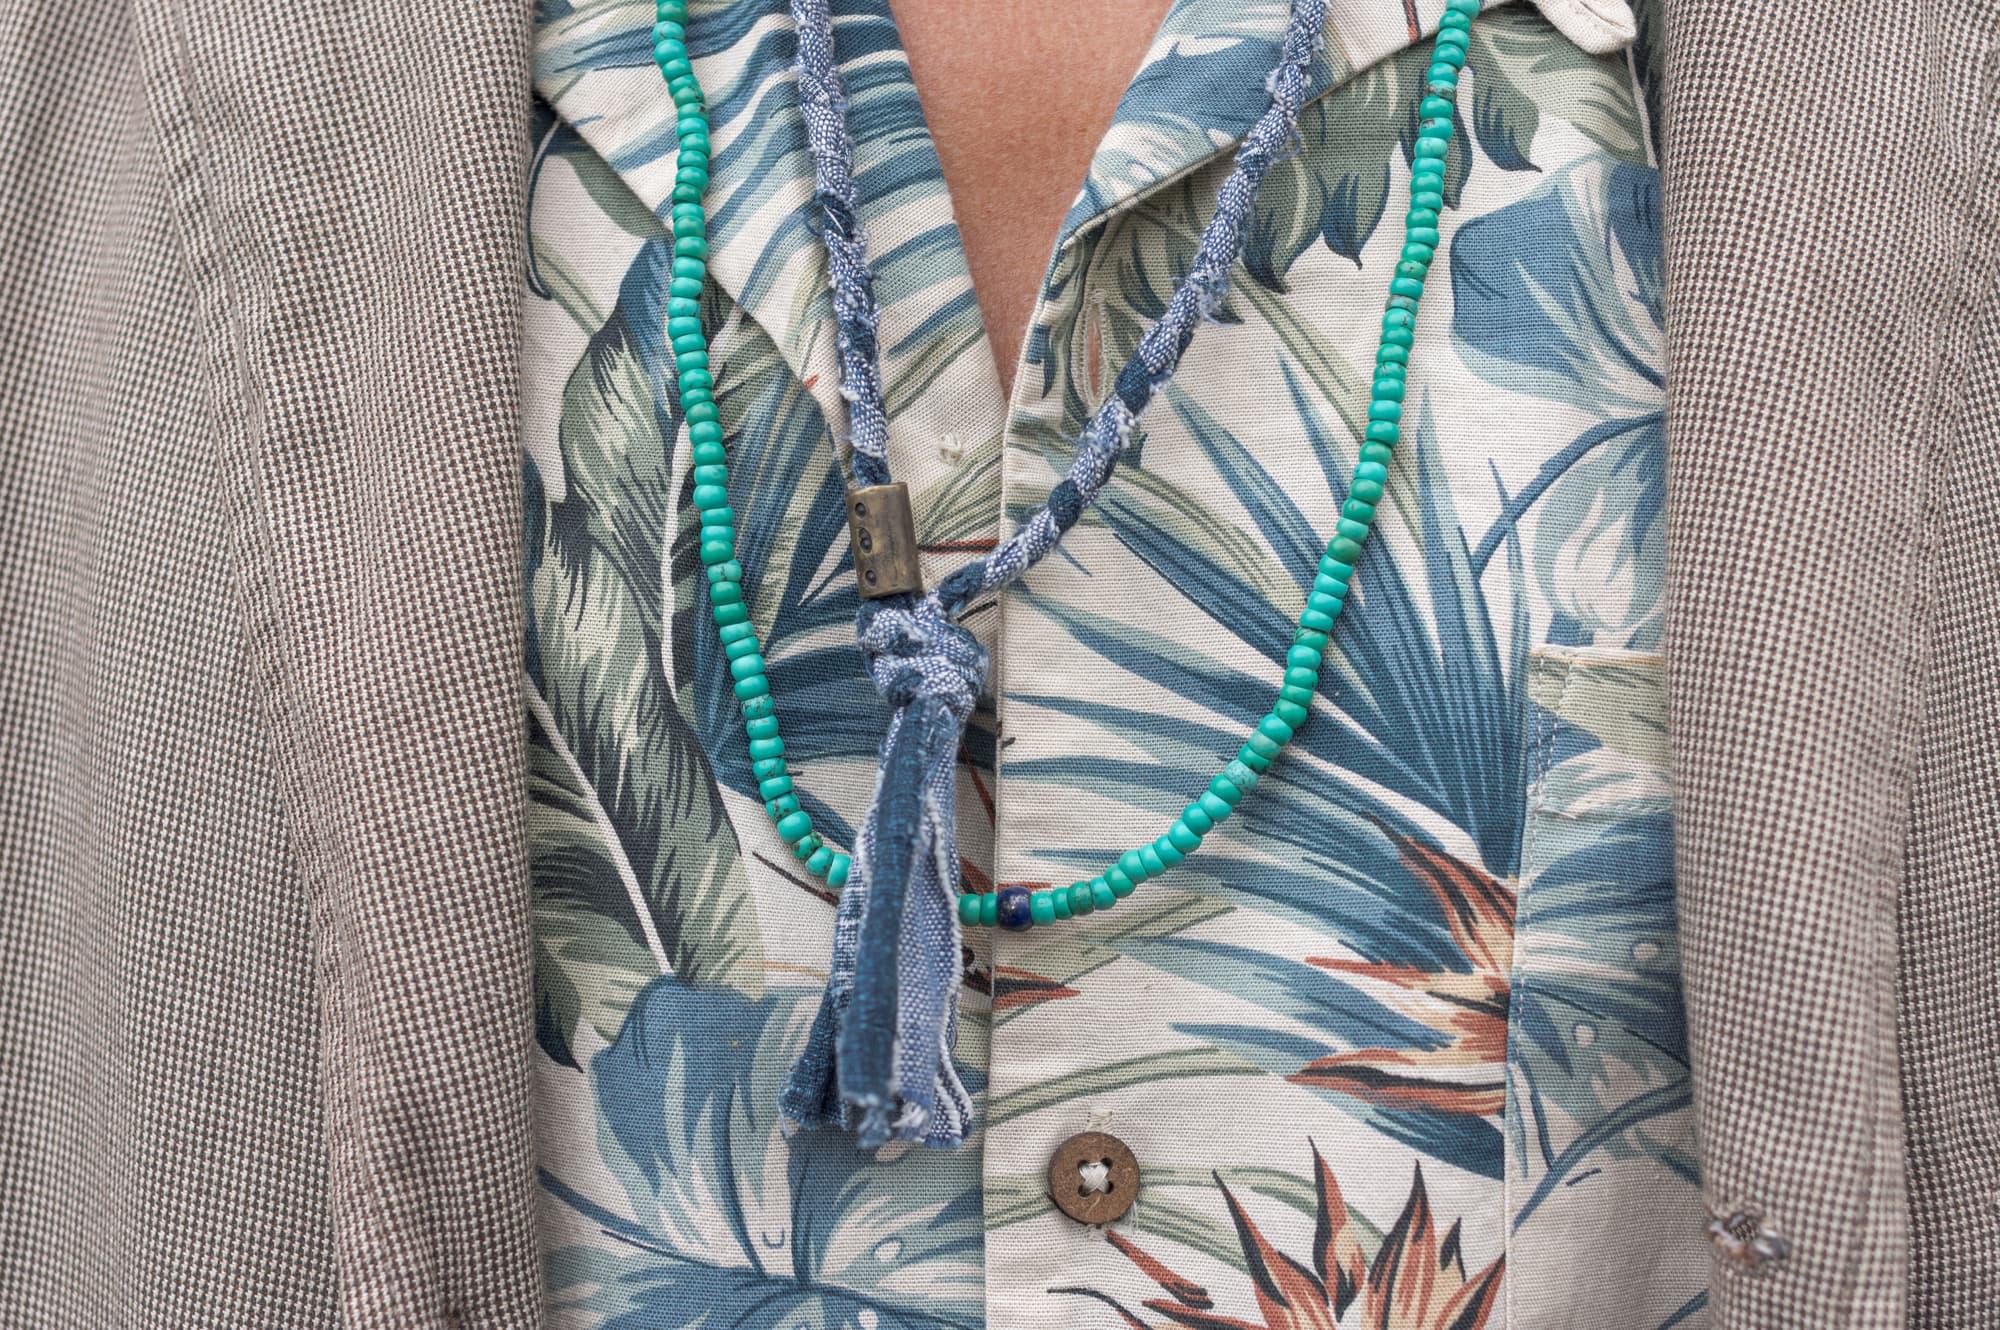 tenue style street heritage workwear d'inspiration militaire avec une veste Engineered Garments Handover loose, une chemise à manche courte à col cubain un jean apc butler et des Visvim FBT et un collier tressé pour homme Borali - lunette atelier particulier et collier blue blue japan